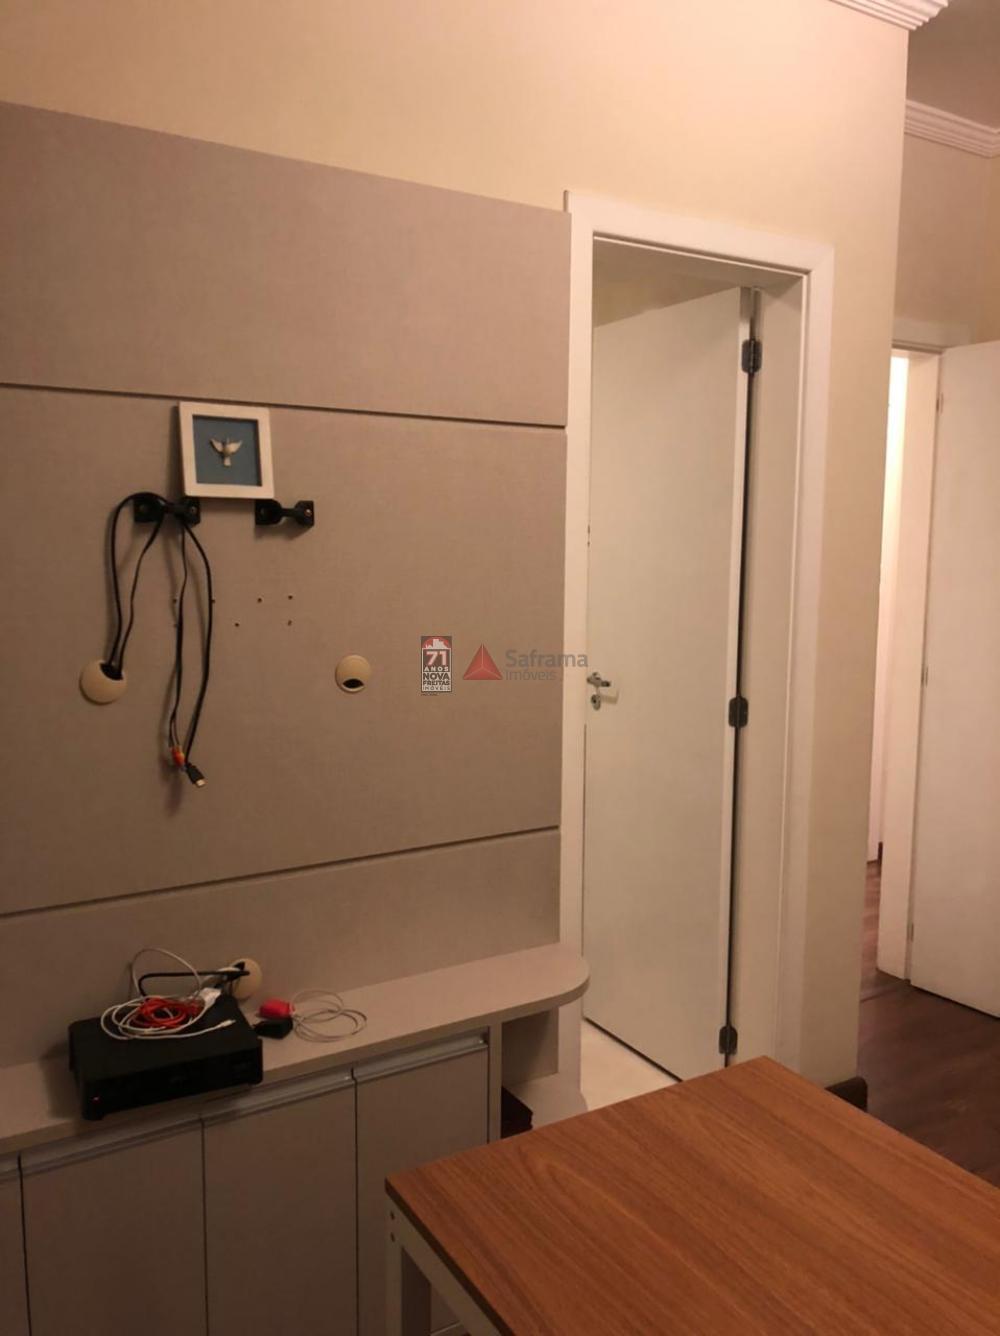 Comprar Apartamento / Padrão em Pindamonhangaba R$ 400.000,00 - Foto 18